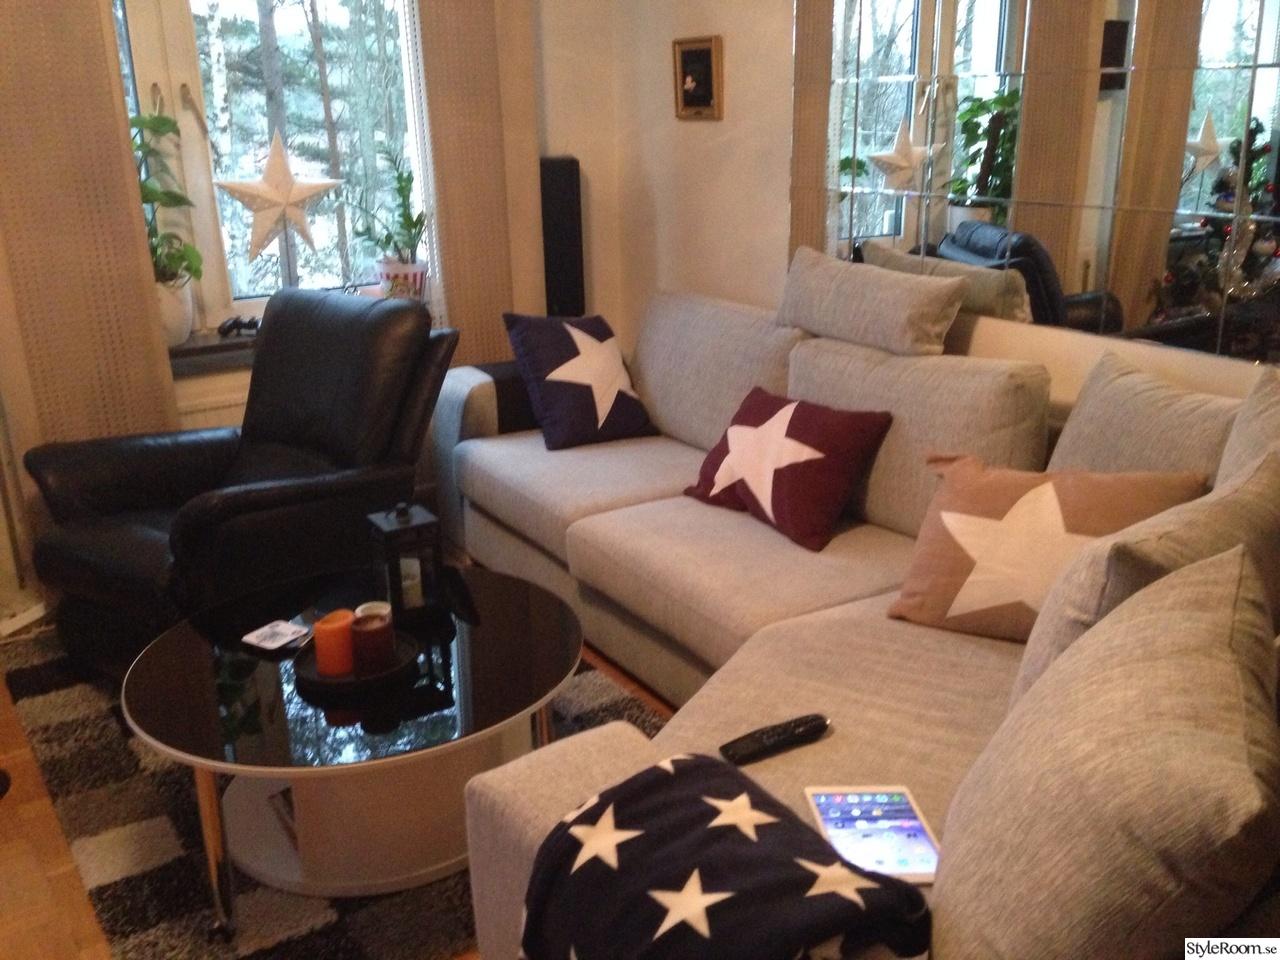 soffa mio blocket ~ mitt hem  ett inredningsalbum på styleroom av magnusjohansson